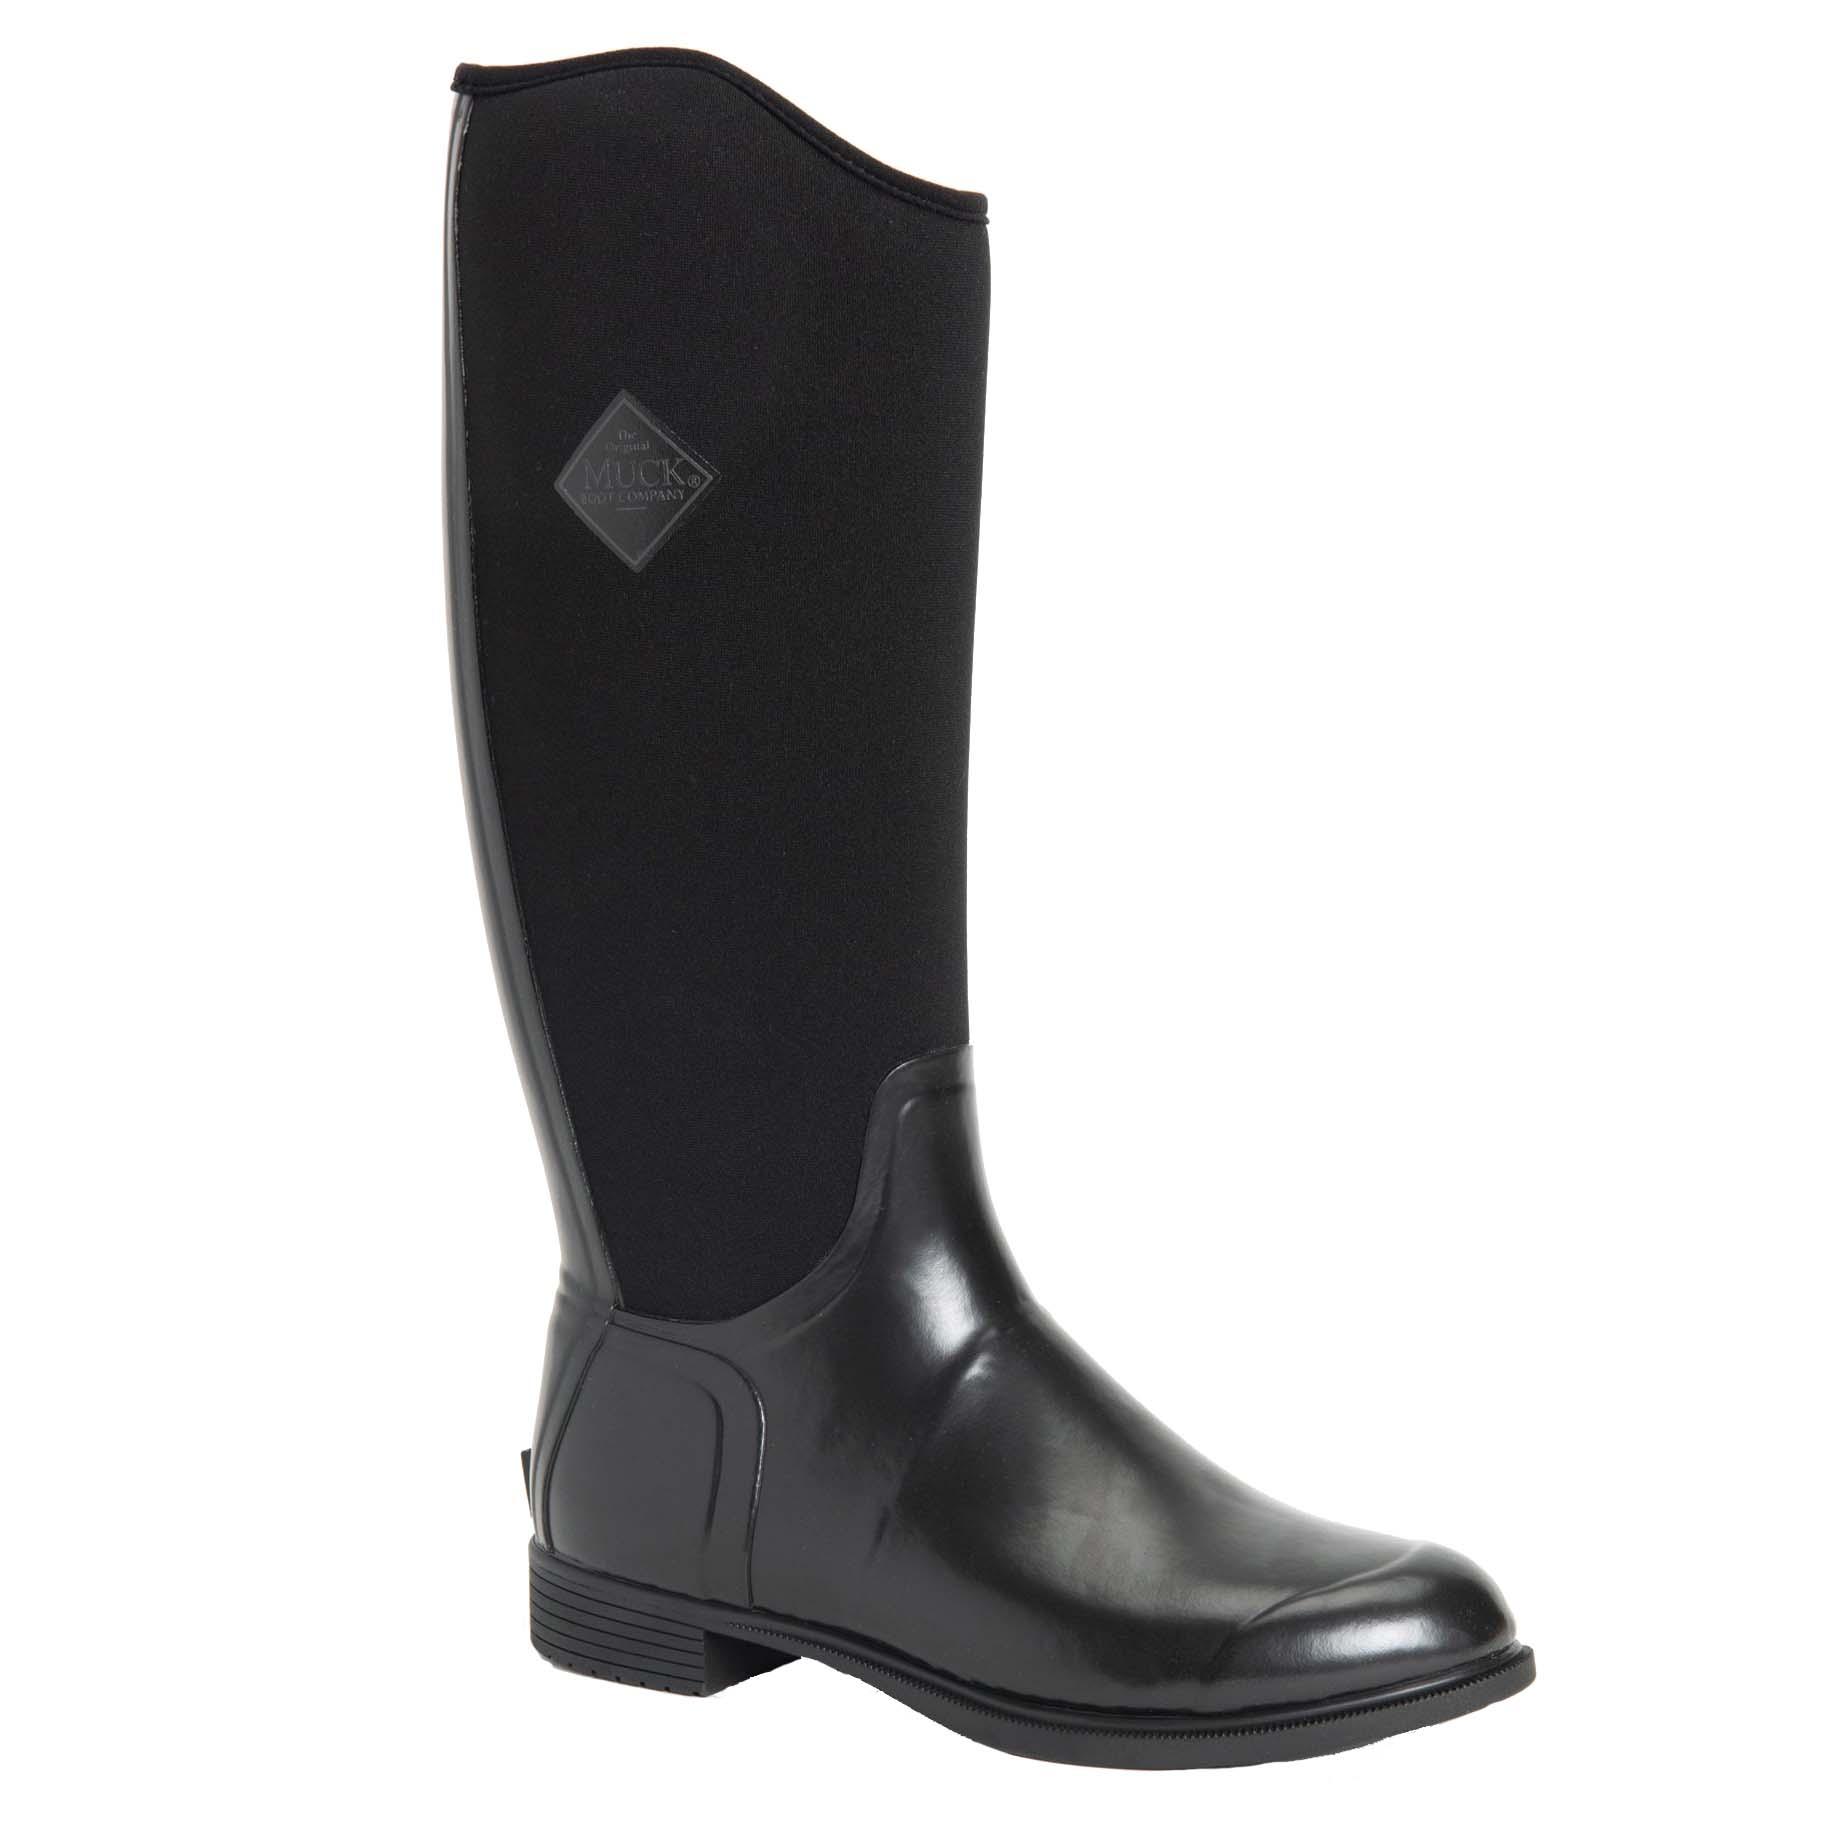 Muck Boots Derby Tall zwart maat:4